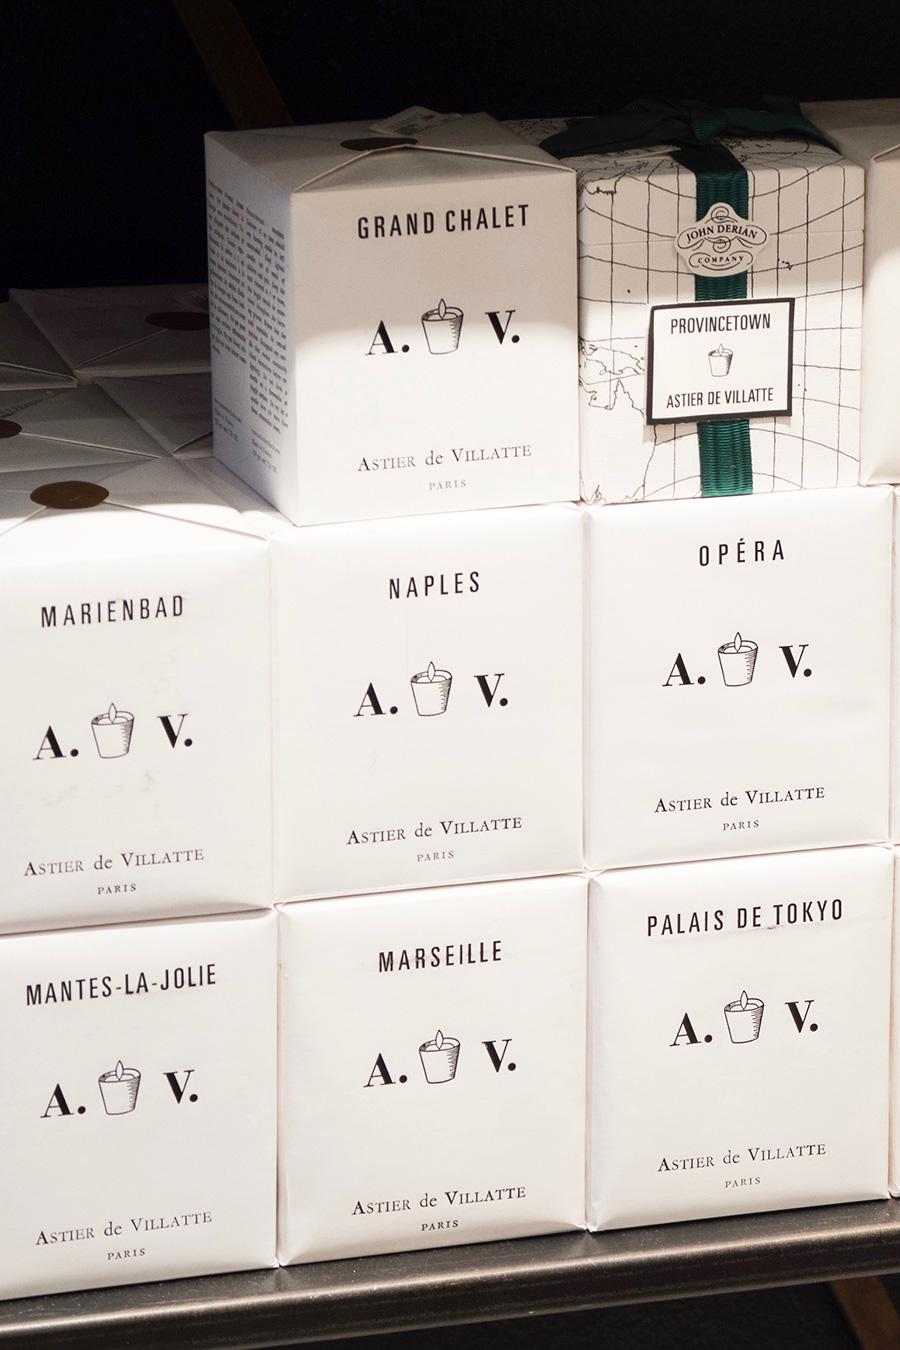 ギフトにも喜ばれるセンスのいいボックス。キャンドルが入るボックスには世界地図が描かれ、包装紙にはそれぞれの地名が刻印。